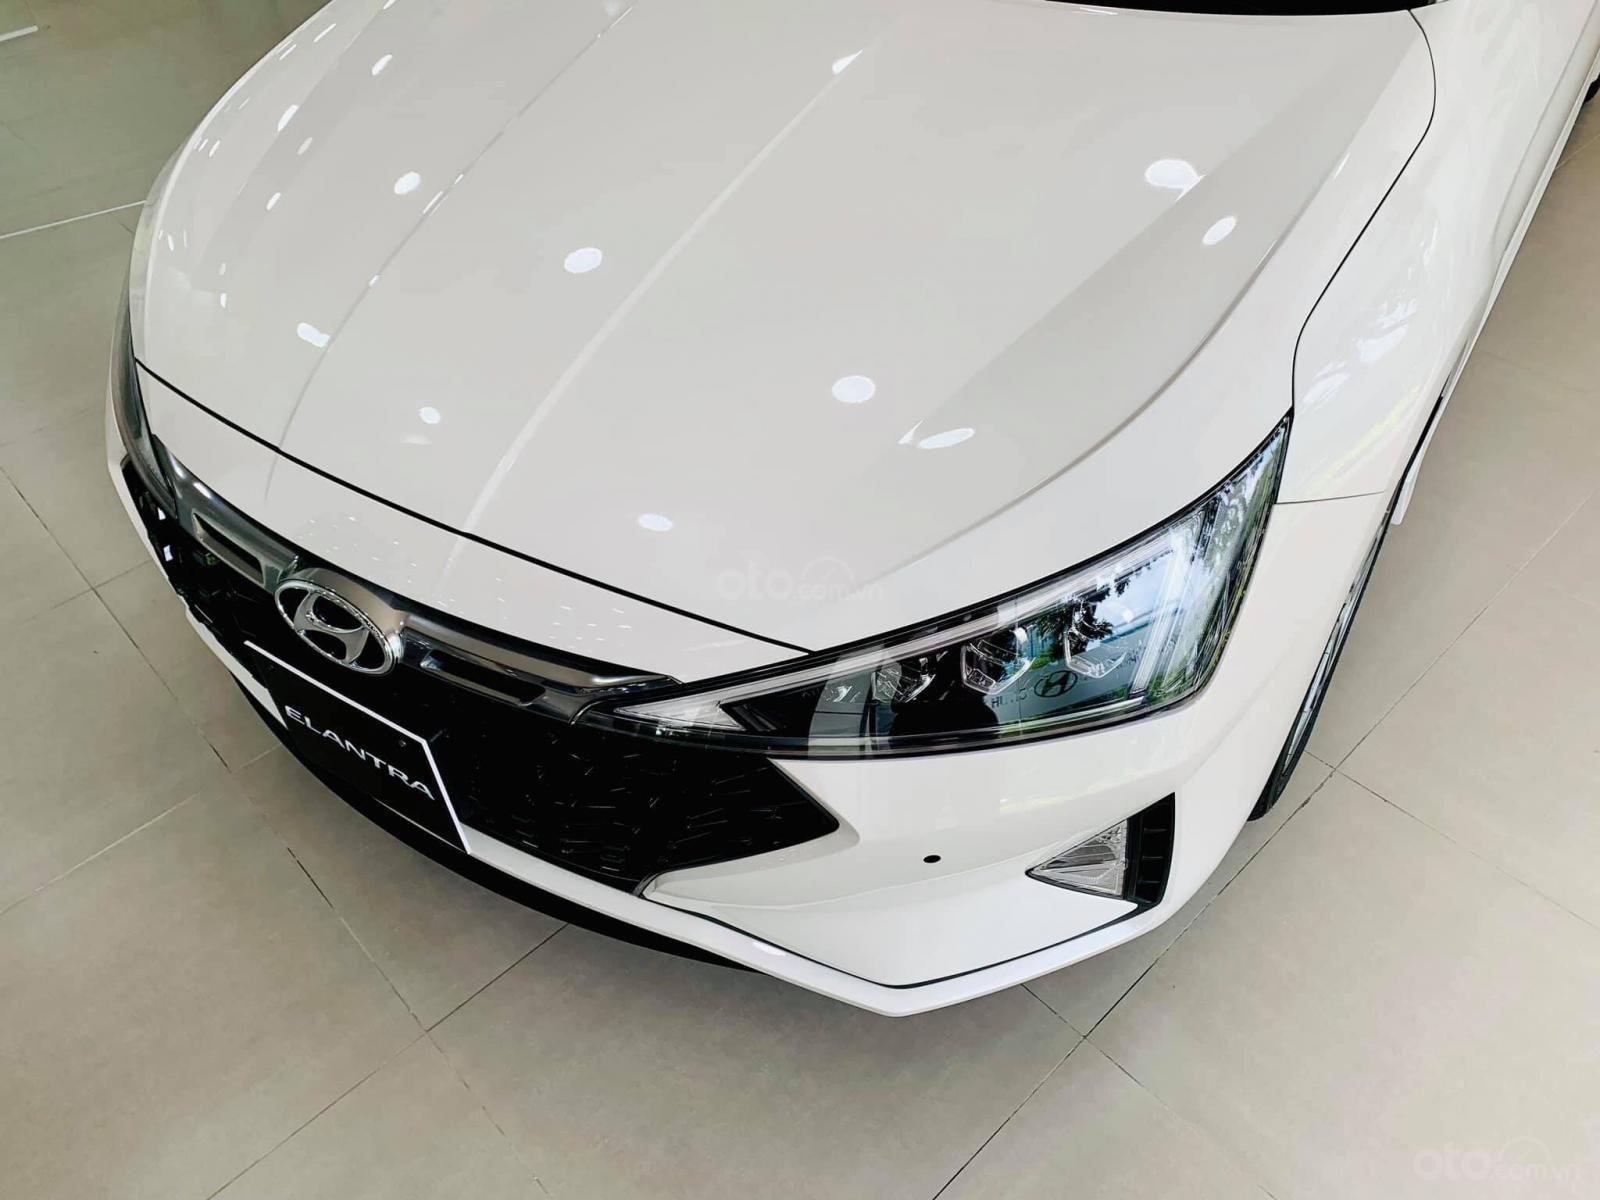 Hyundai Elantra giá cực tốt, nhiều khuyến mãi và quà tặng, hỗ trợ ngân hàng 80% giá xe (4)